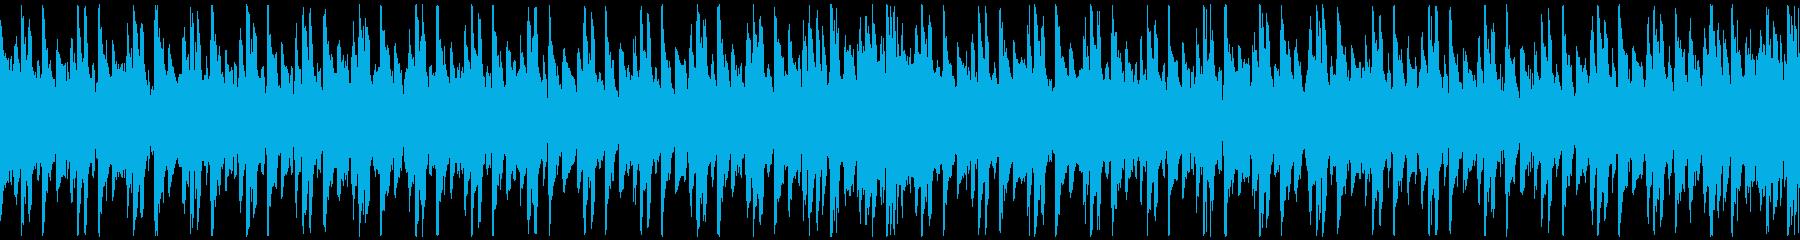 フラメンコ風ギター/情熱的ラテンループの再生済みの波形